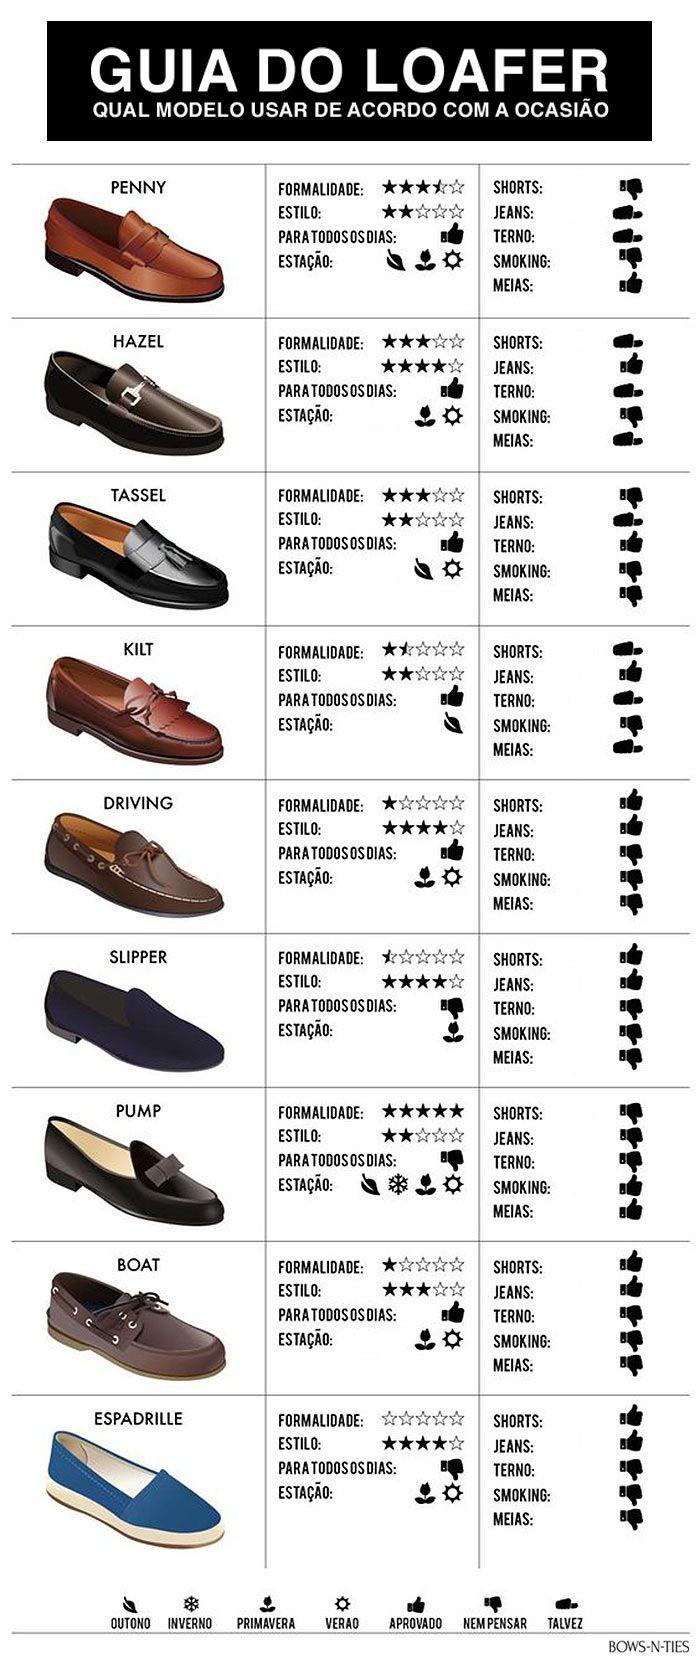 Guia do Loafer: Qual modelo usar de acordo com a ocasião.